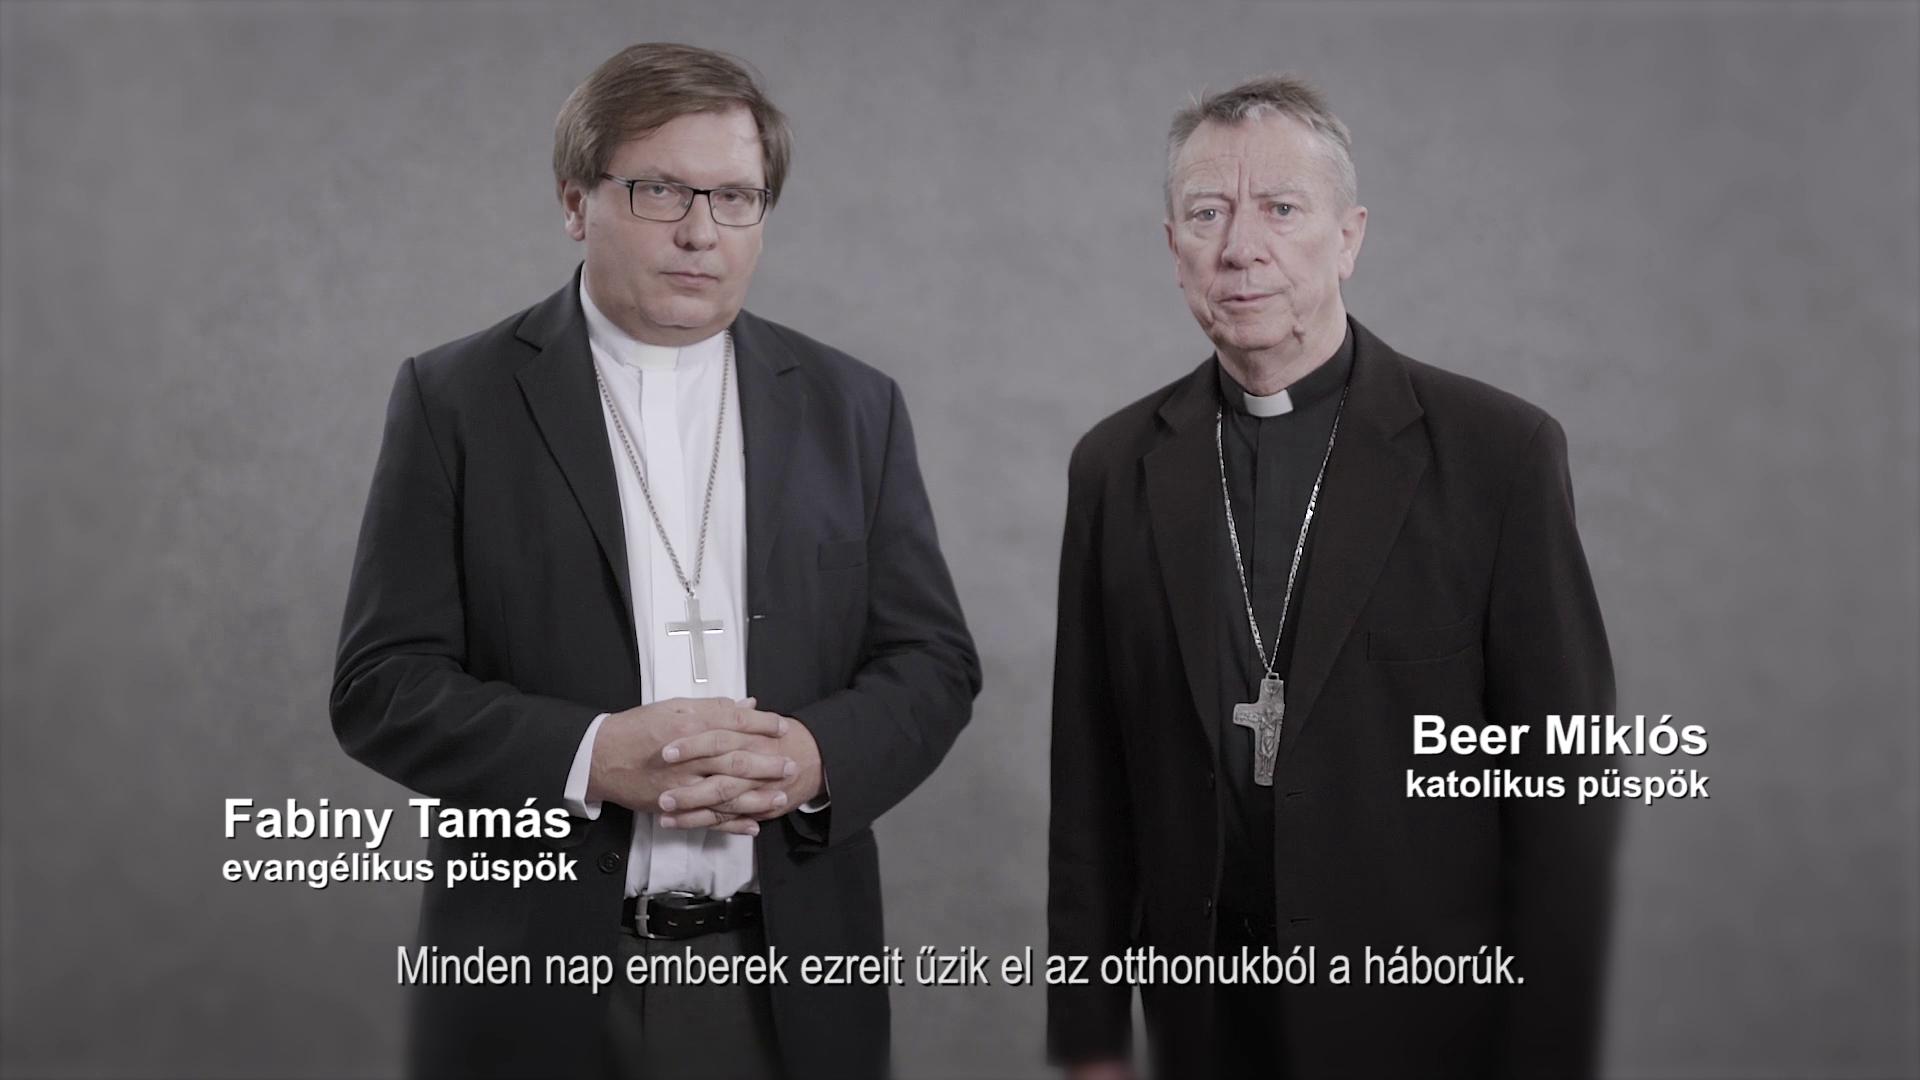 Püspökök a menekültek mellett